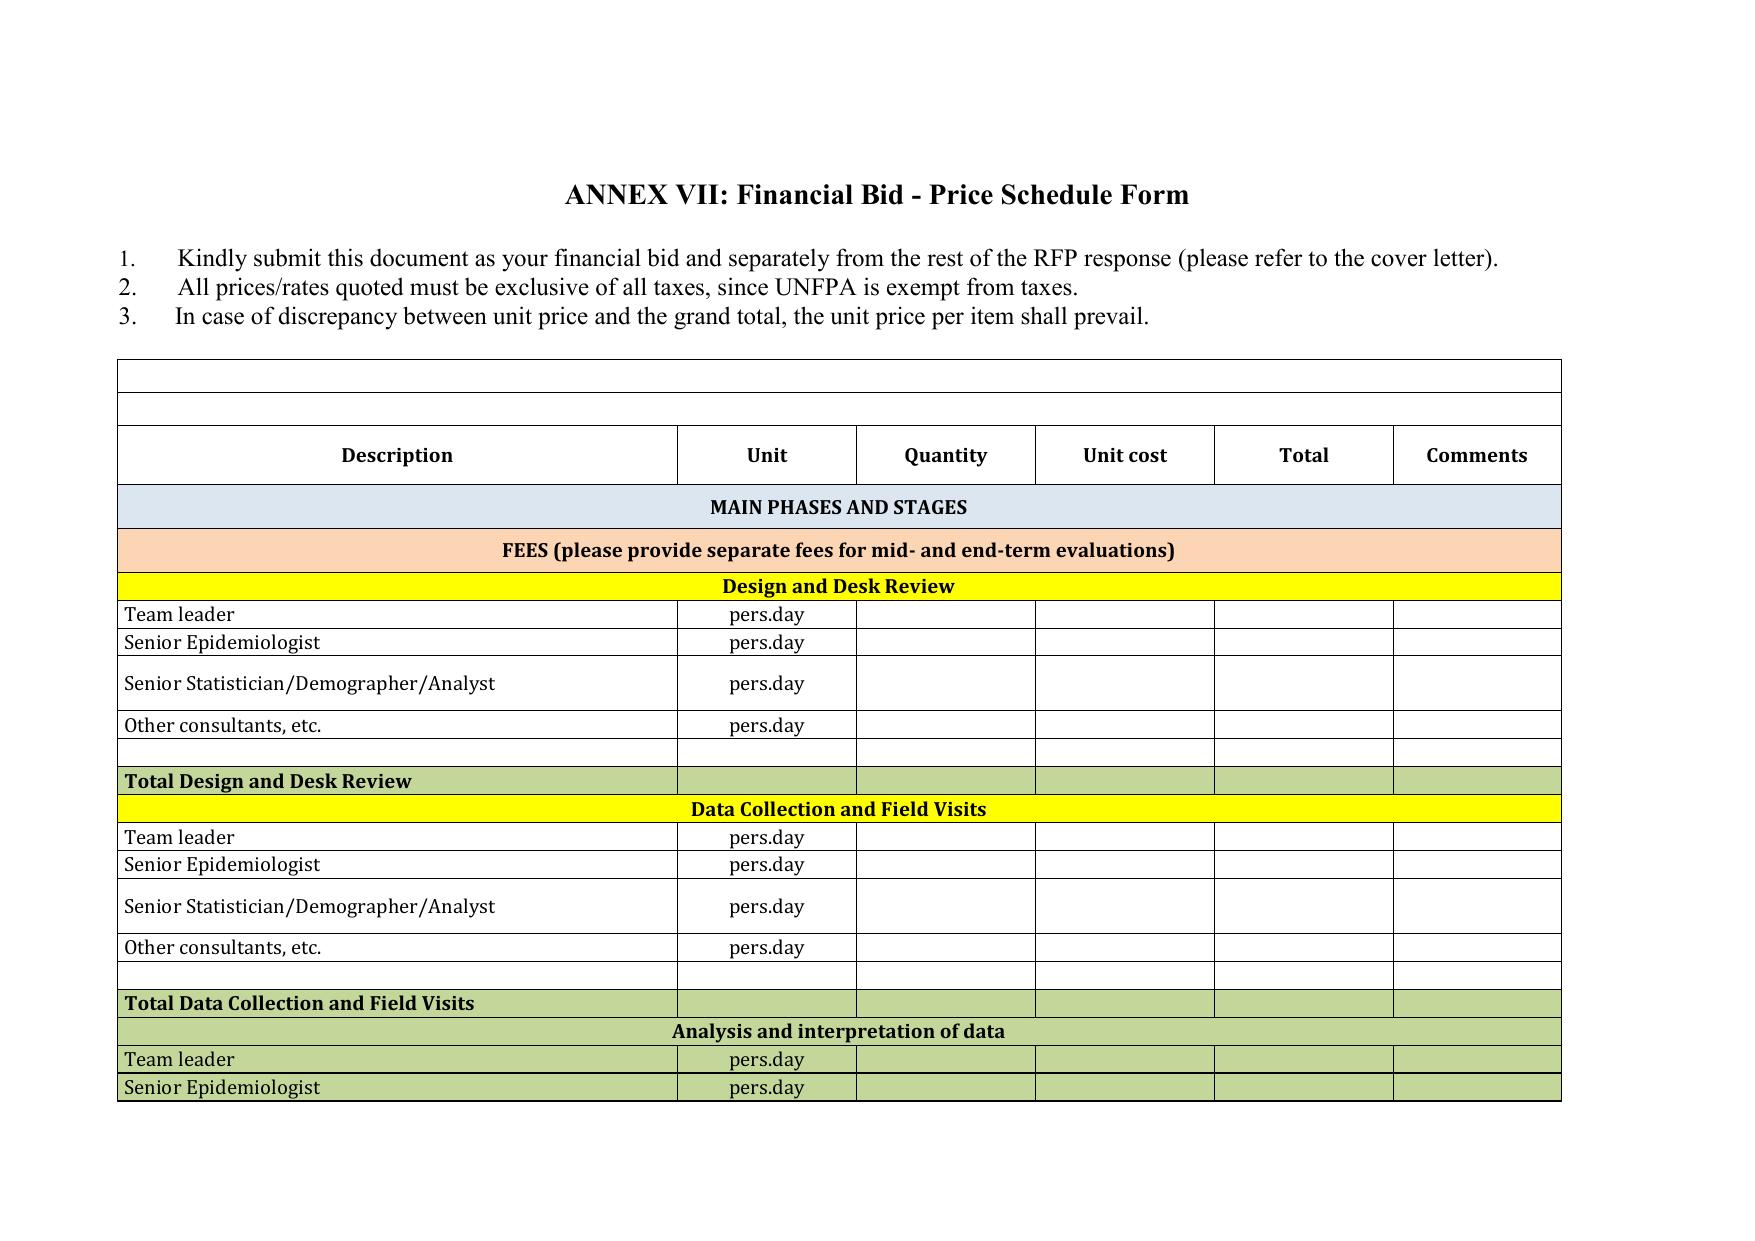 ANNEX VII: Financial Bid - Price Schedule Form